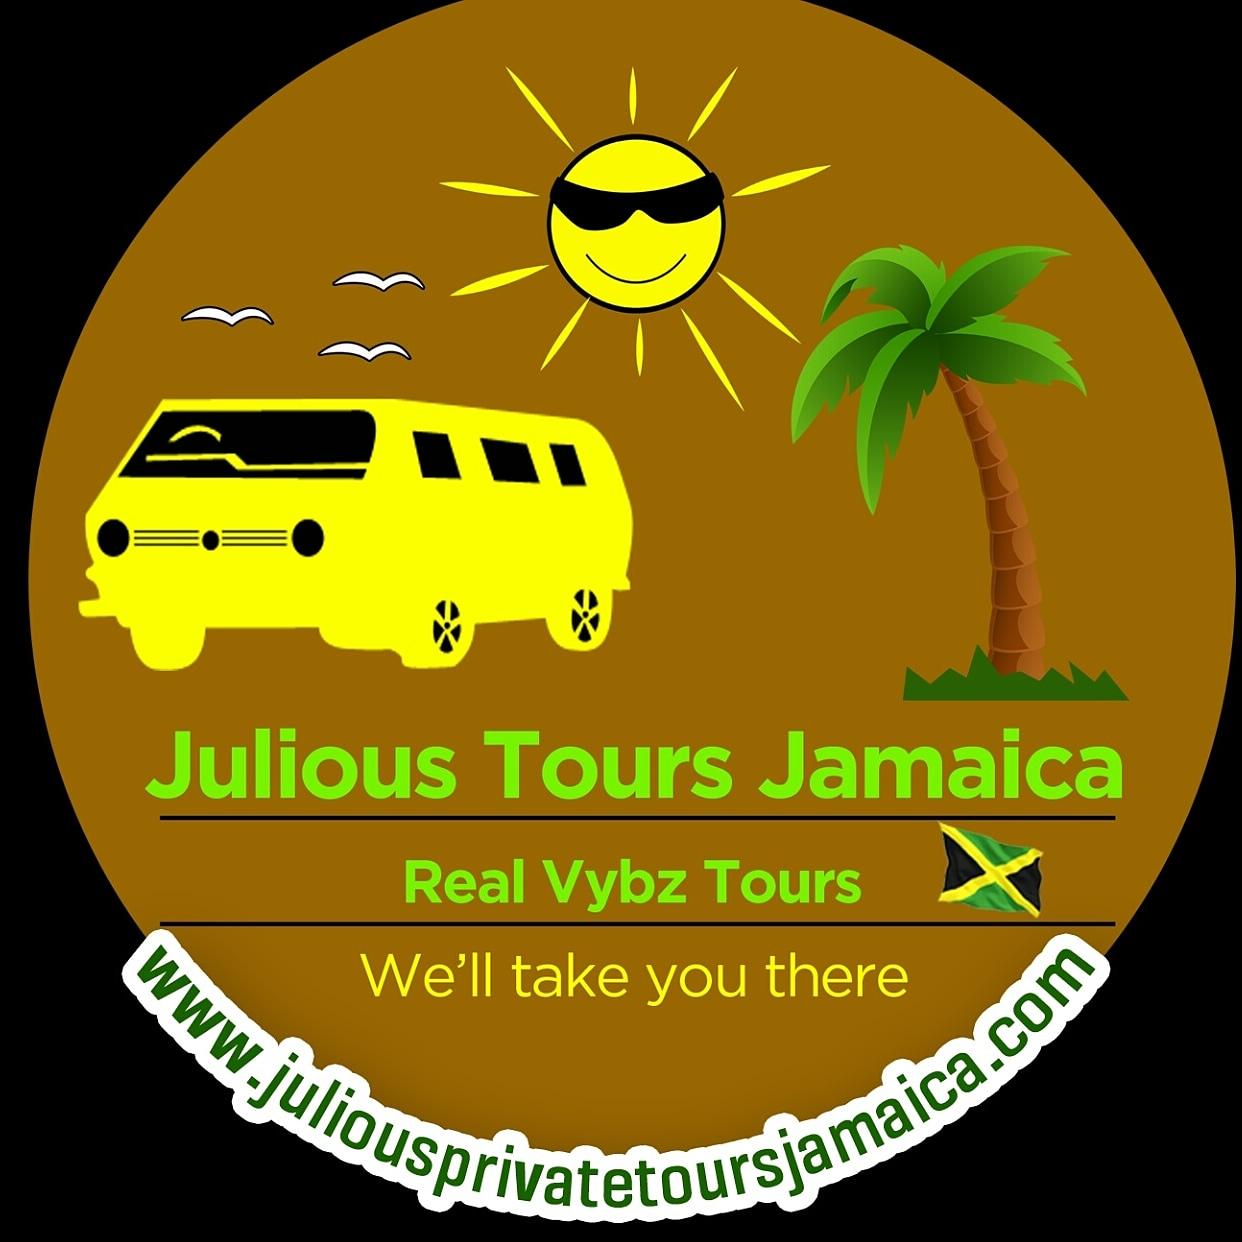 Julious Private Tour Jamaica